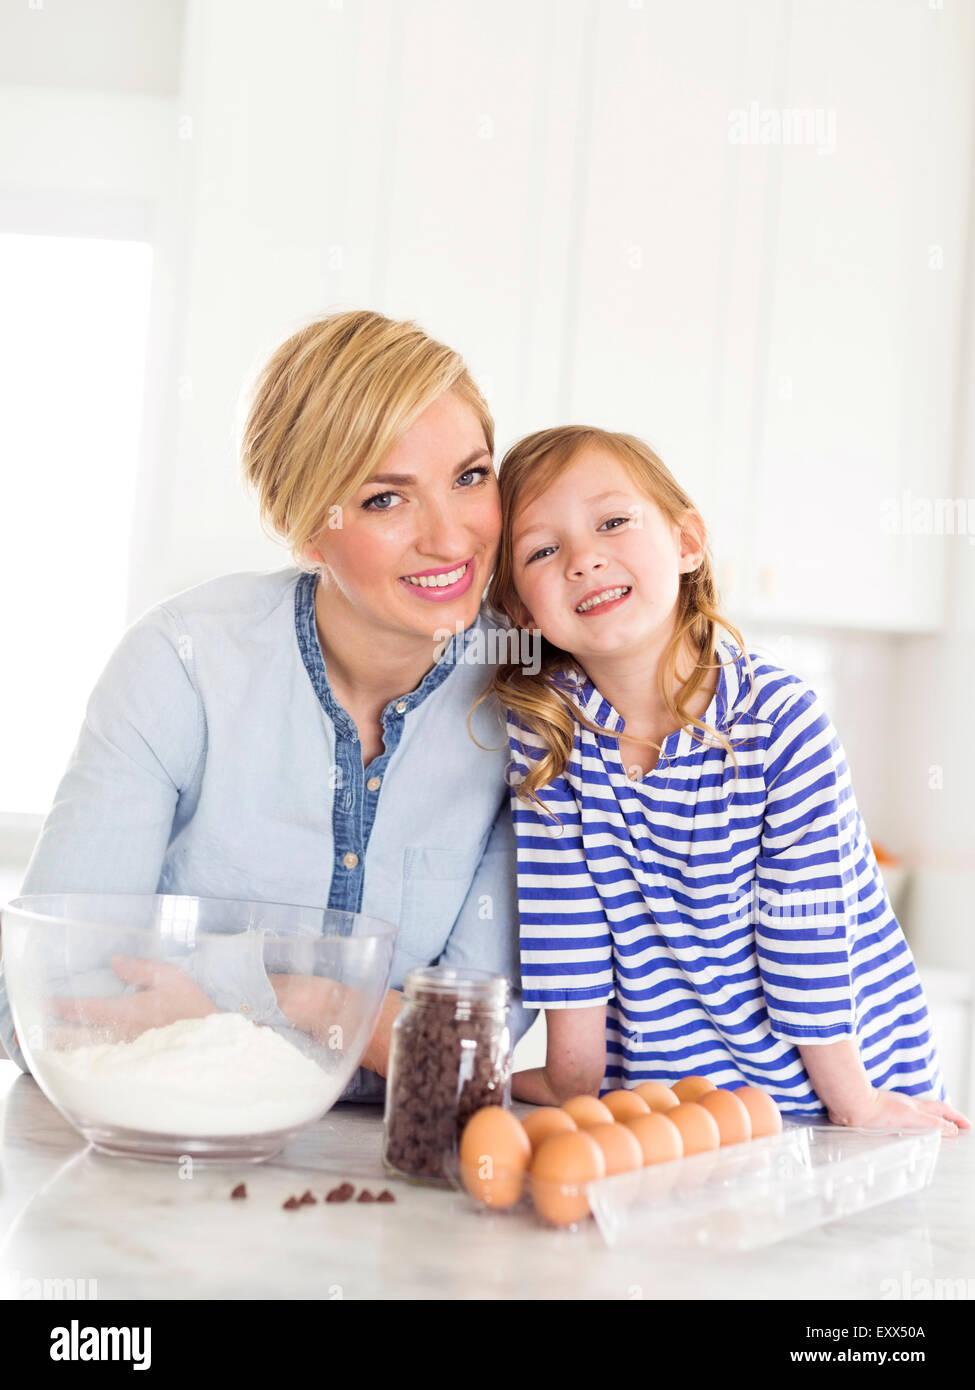 Ritratto di ragazza (4-5) di trascorrere del tempo con la mamma in cucina Immagini Stock